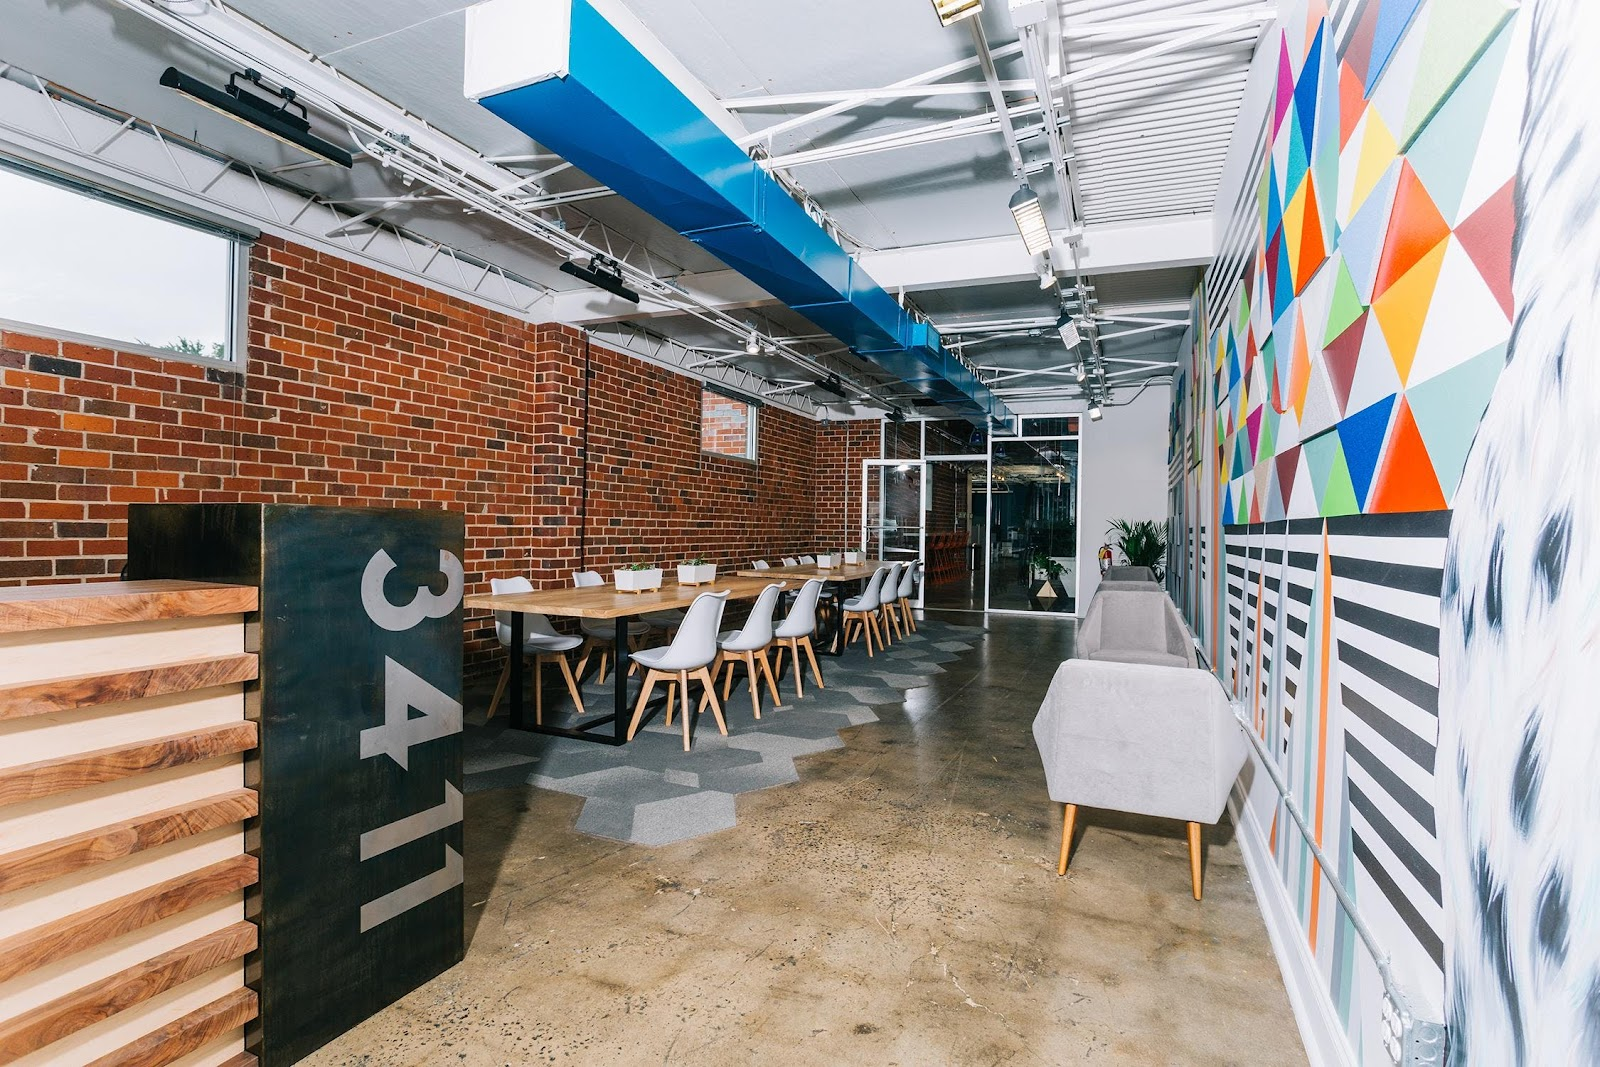 3411 Coworking spaces in Atlanta